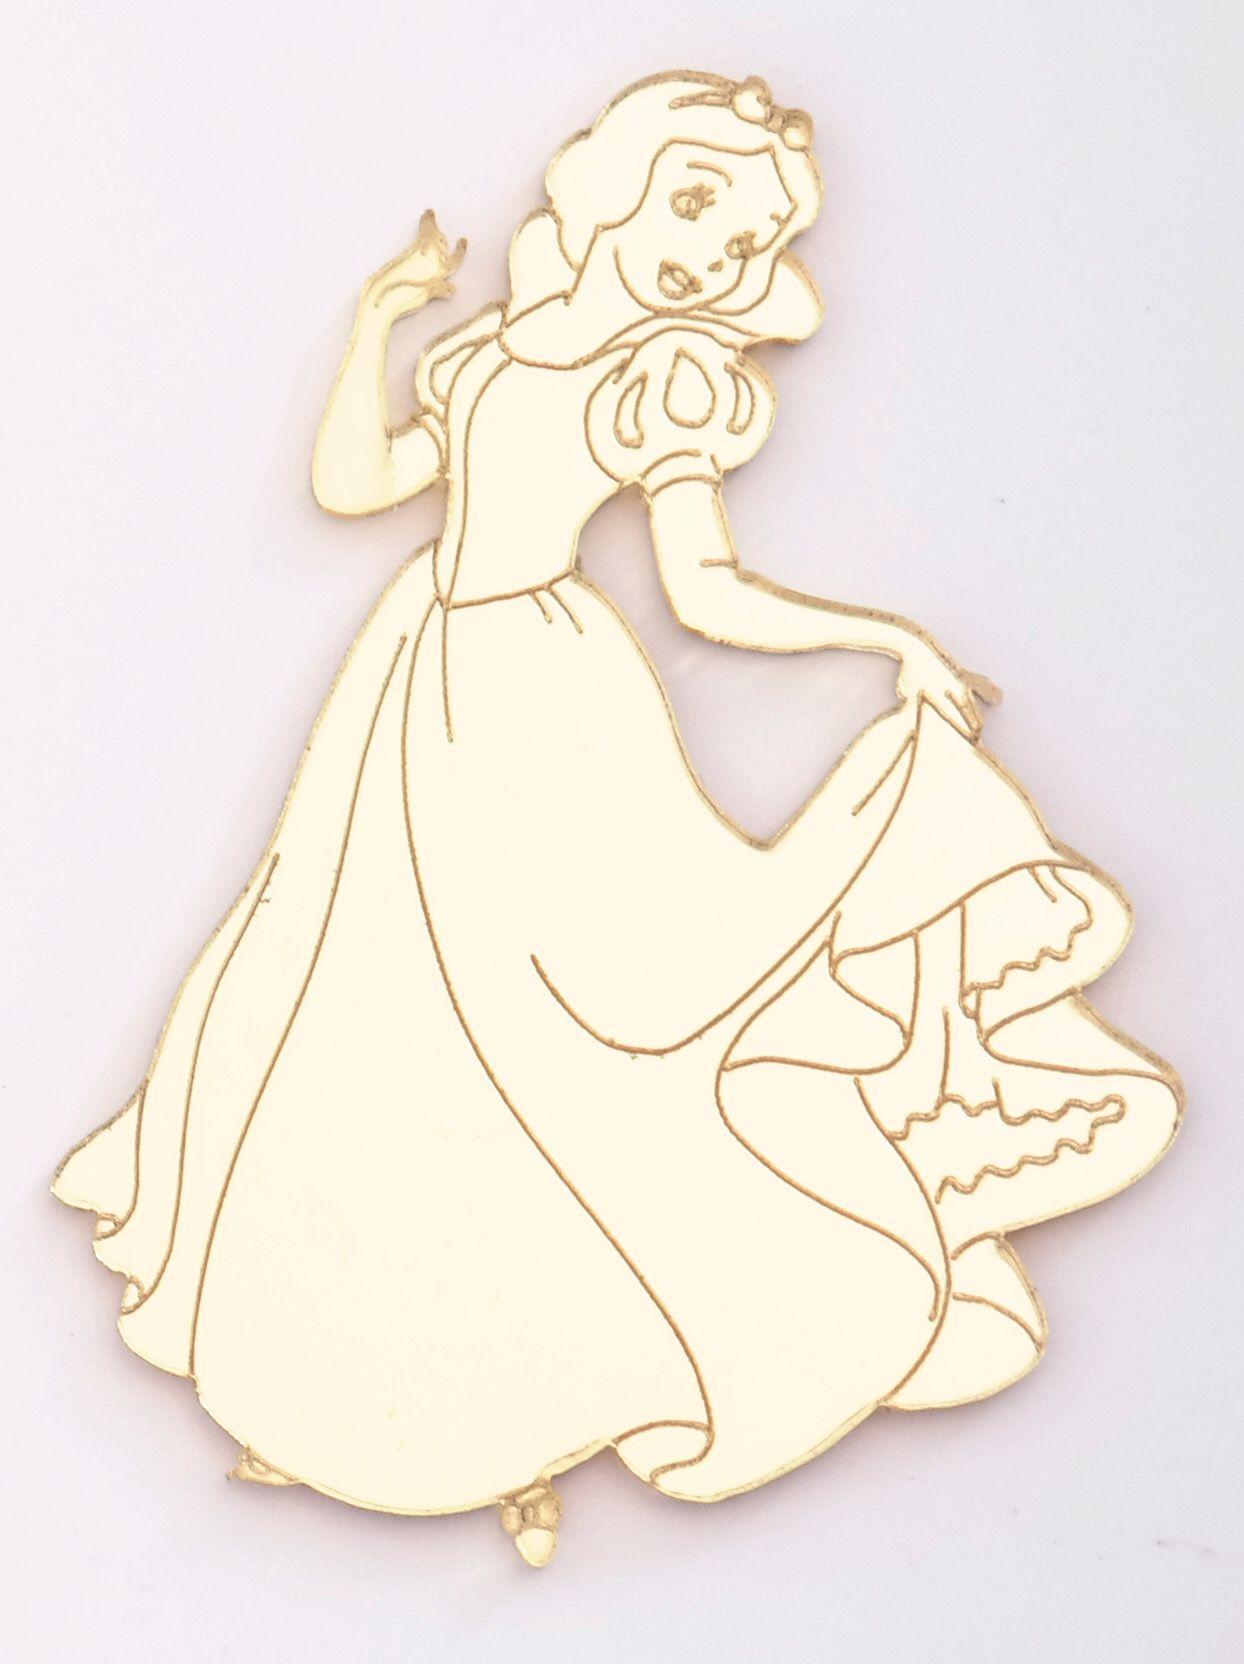 Aplique em acrílico espelhado - Princesa Branca de Neve - 7cm - 10 peças